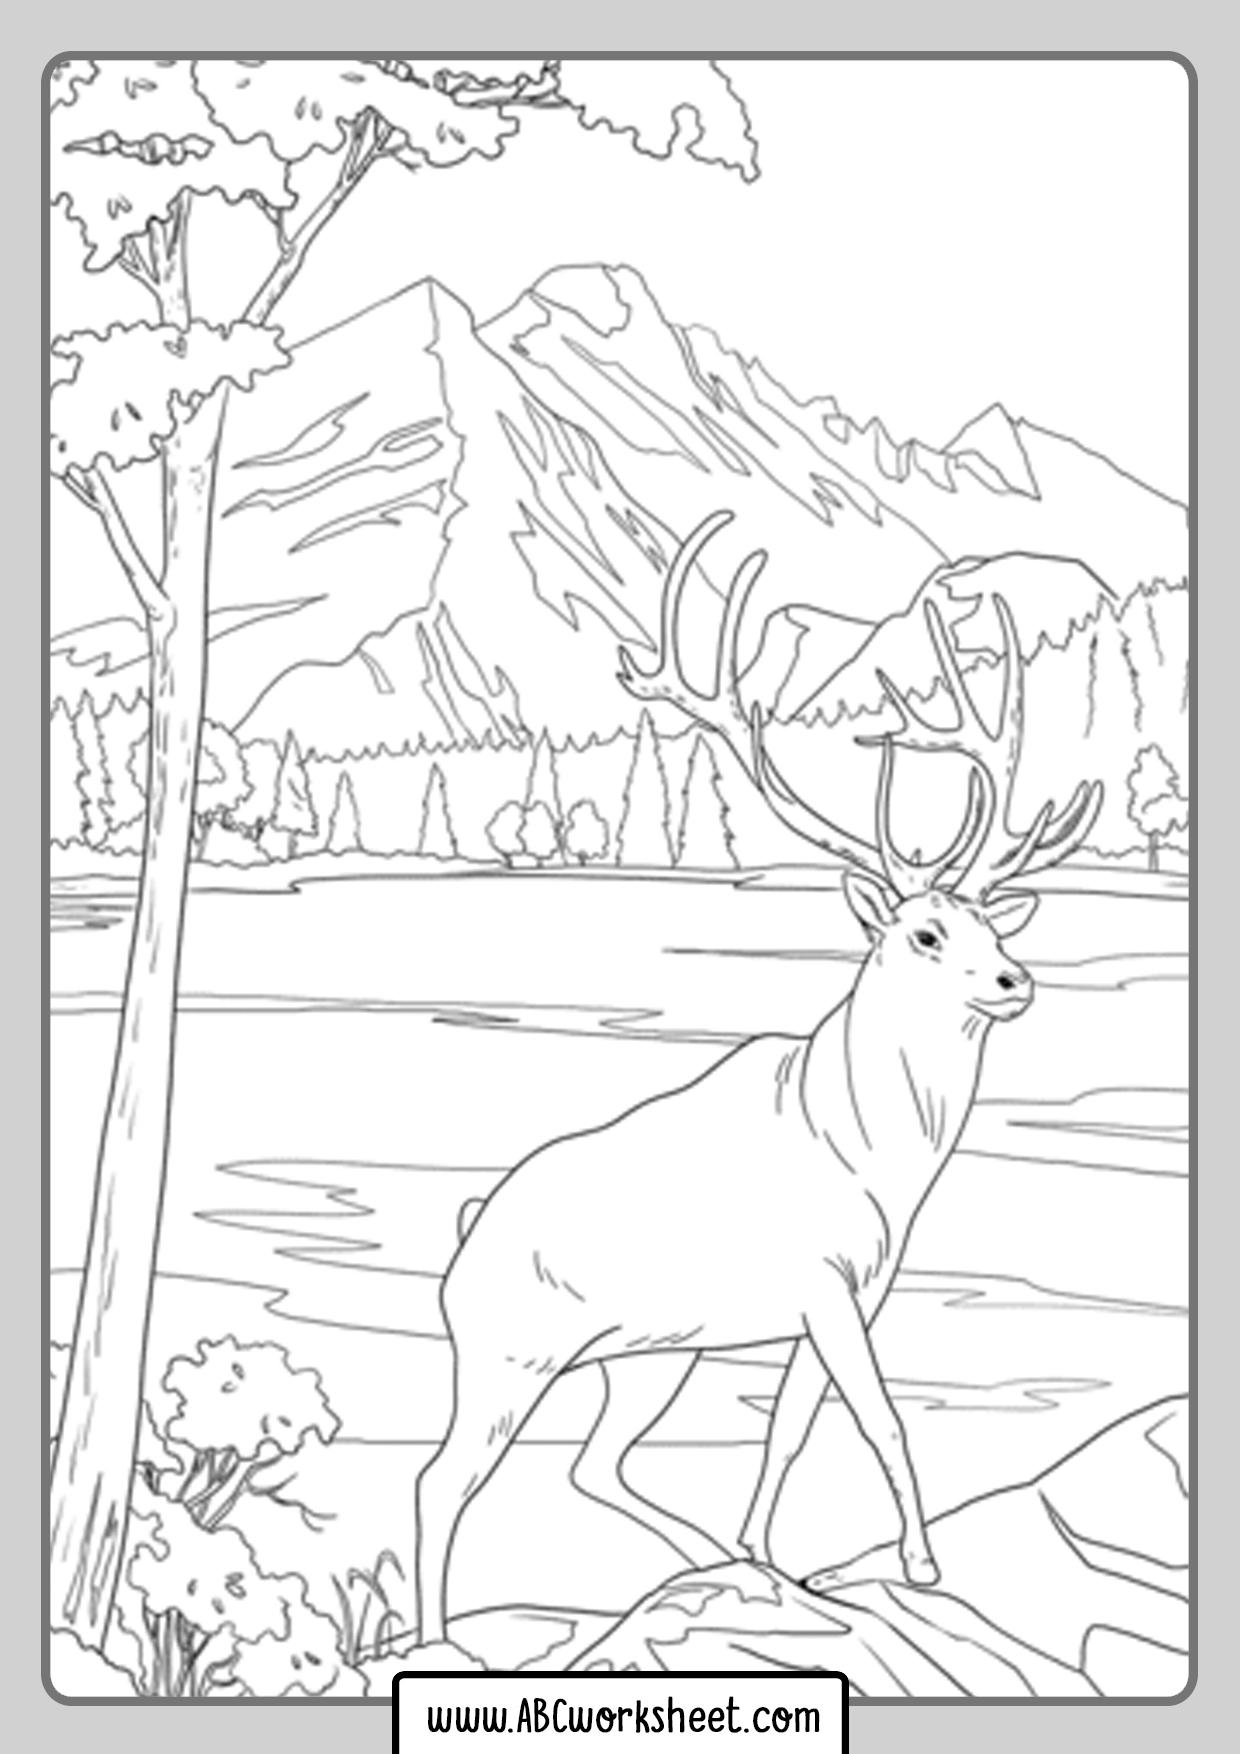 Printable Deer Coloring Pages